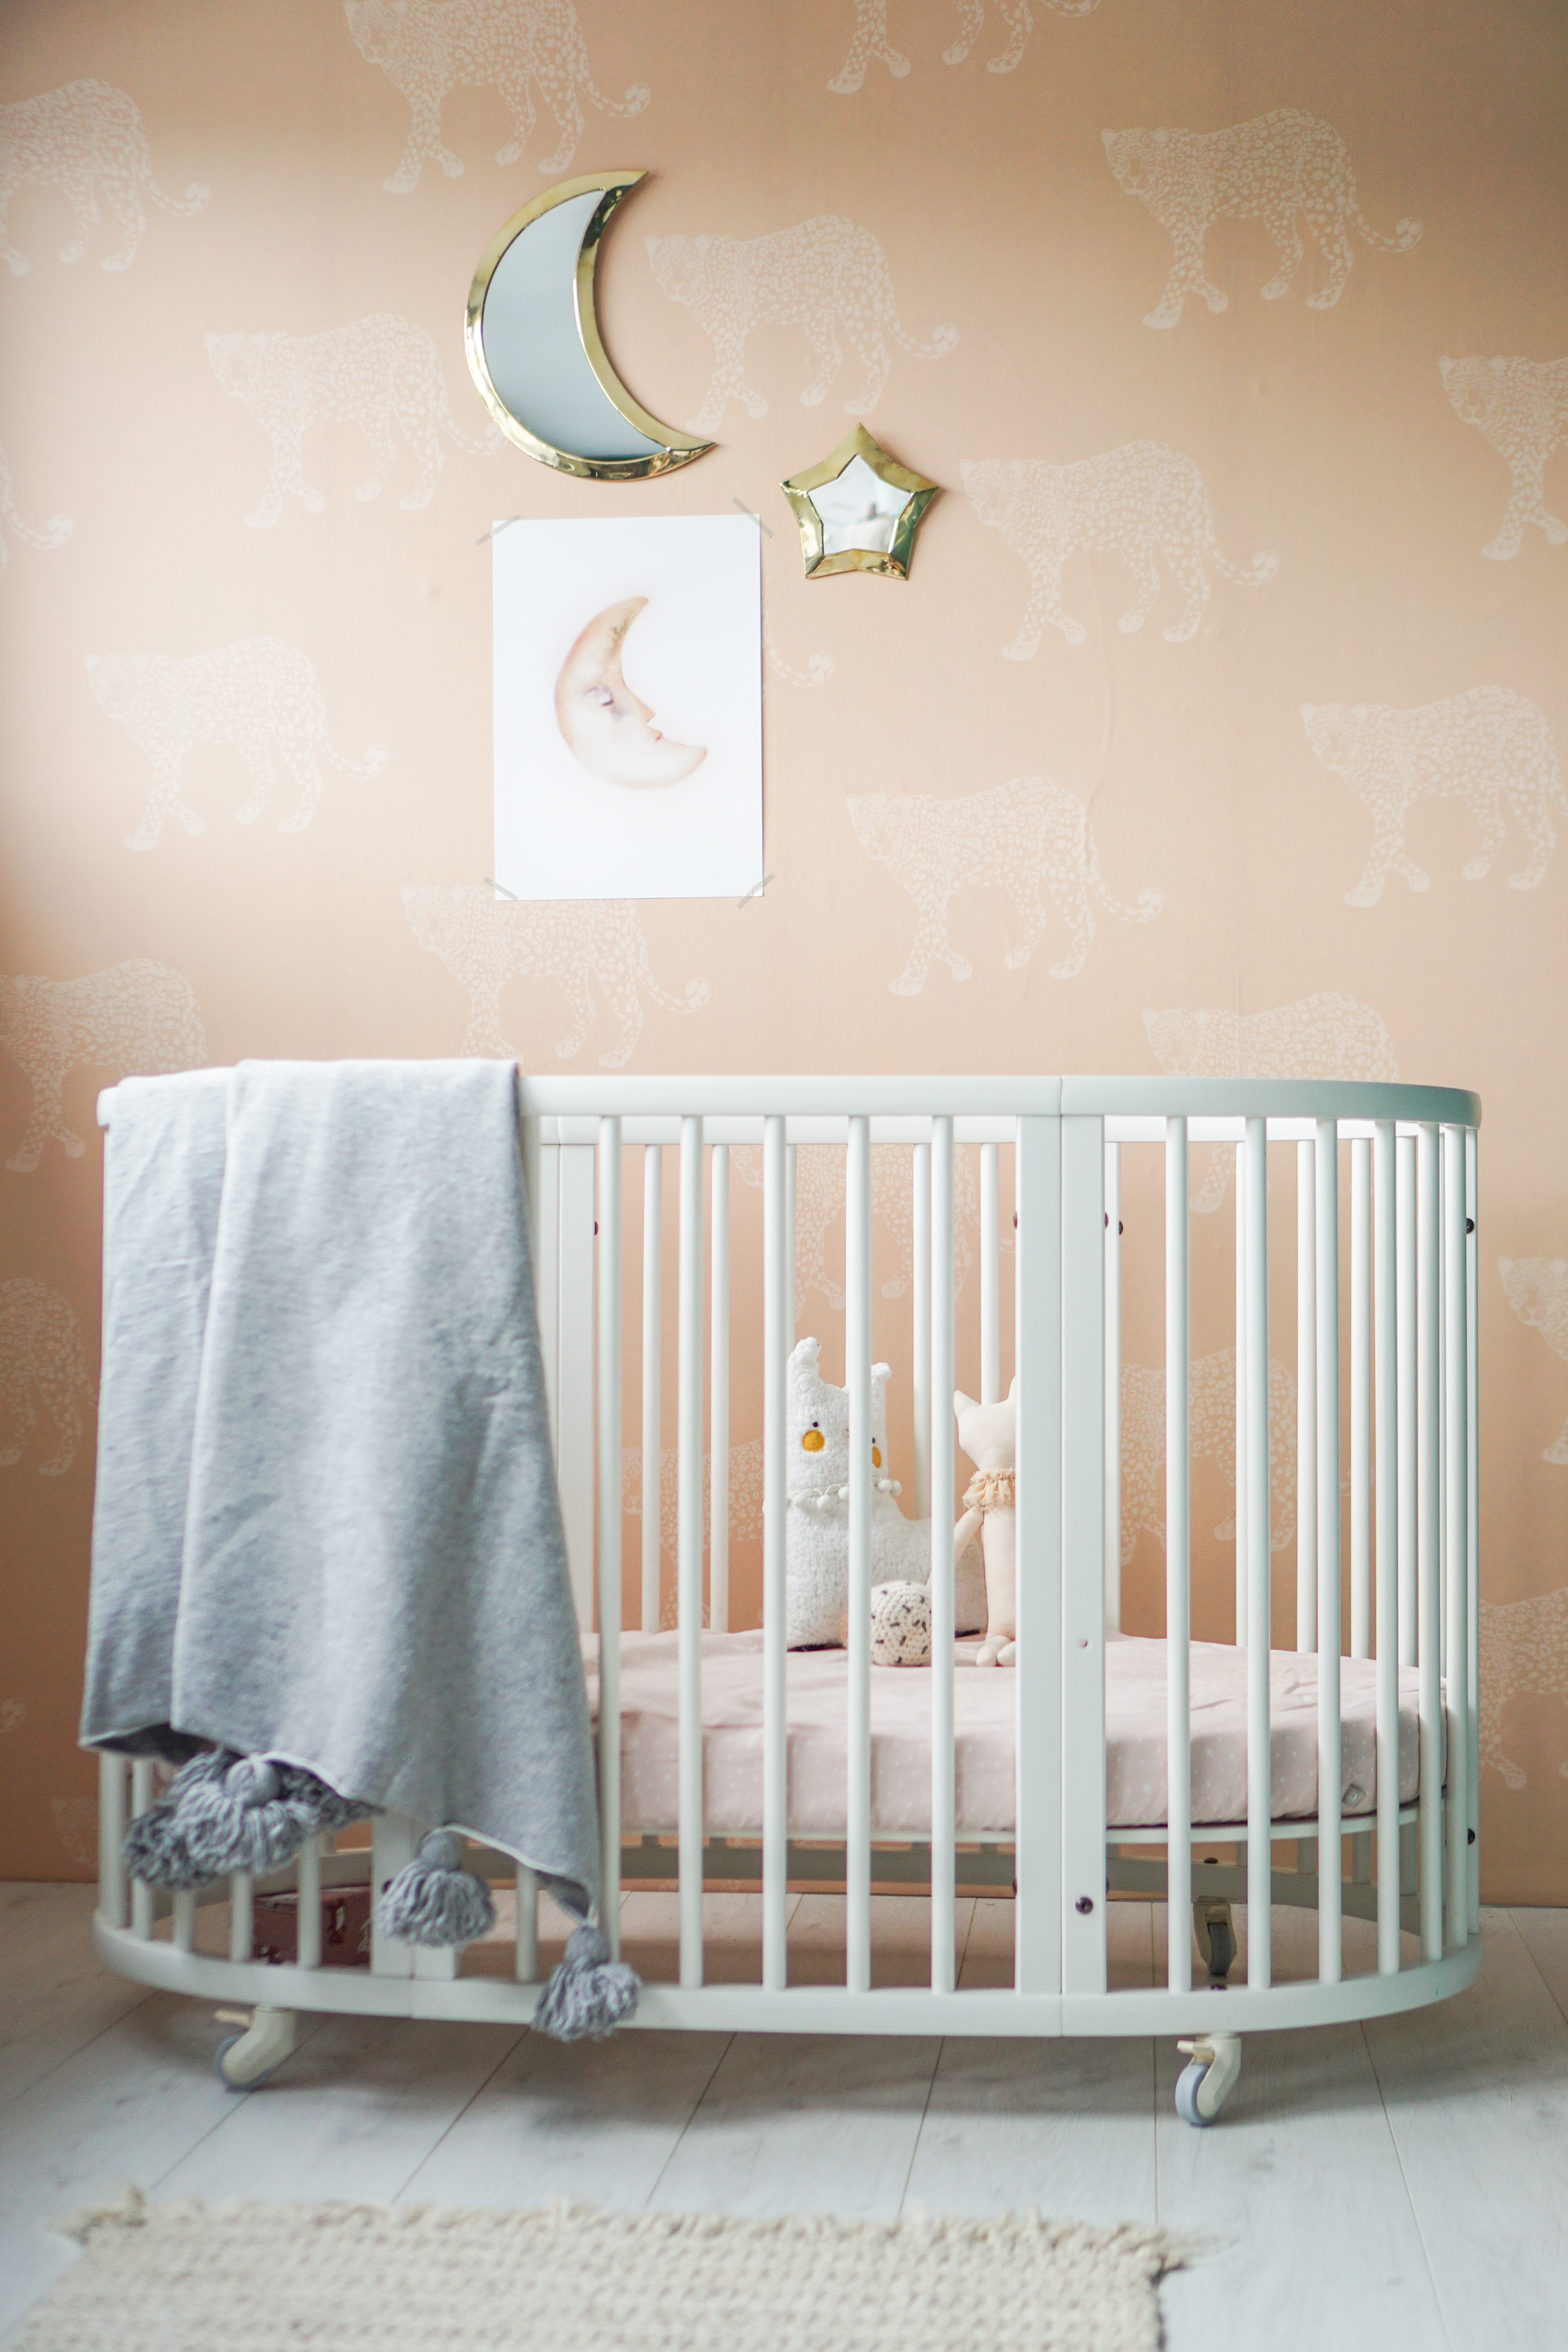 scandinavisch boho interieur babykamer